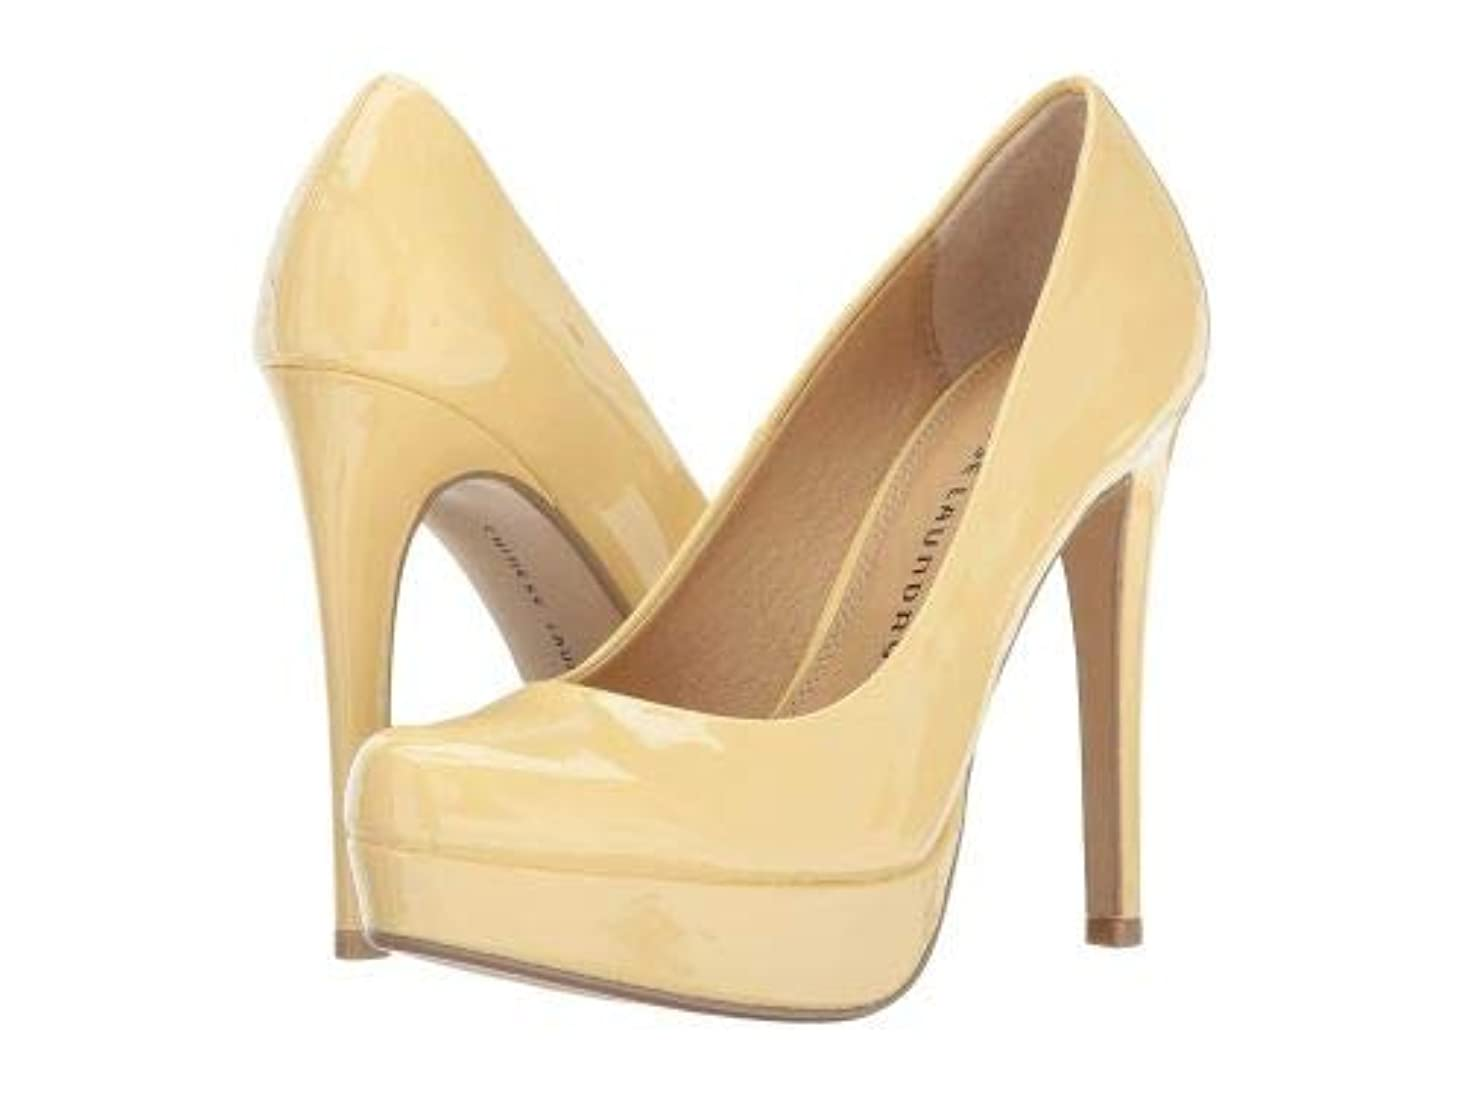 遺跡書き出す定期的にChinese Laundry(チャイニーズランドリー) レディース 女性用 シューズ 靴 ヒール Wendy Pump - Soft Yellow Patent [並行輸入品]